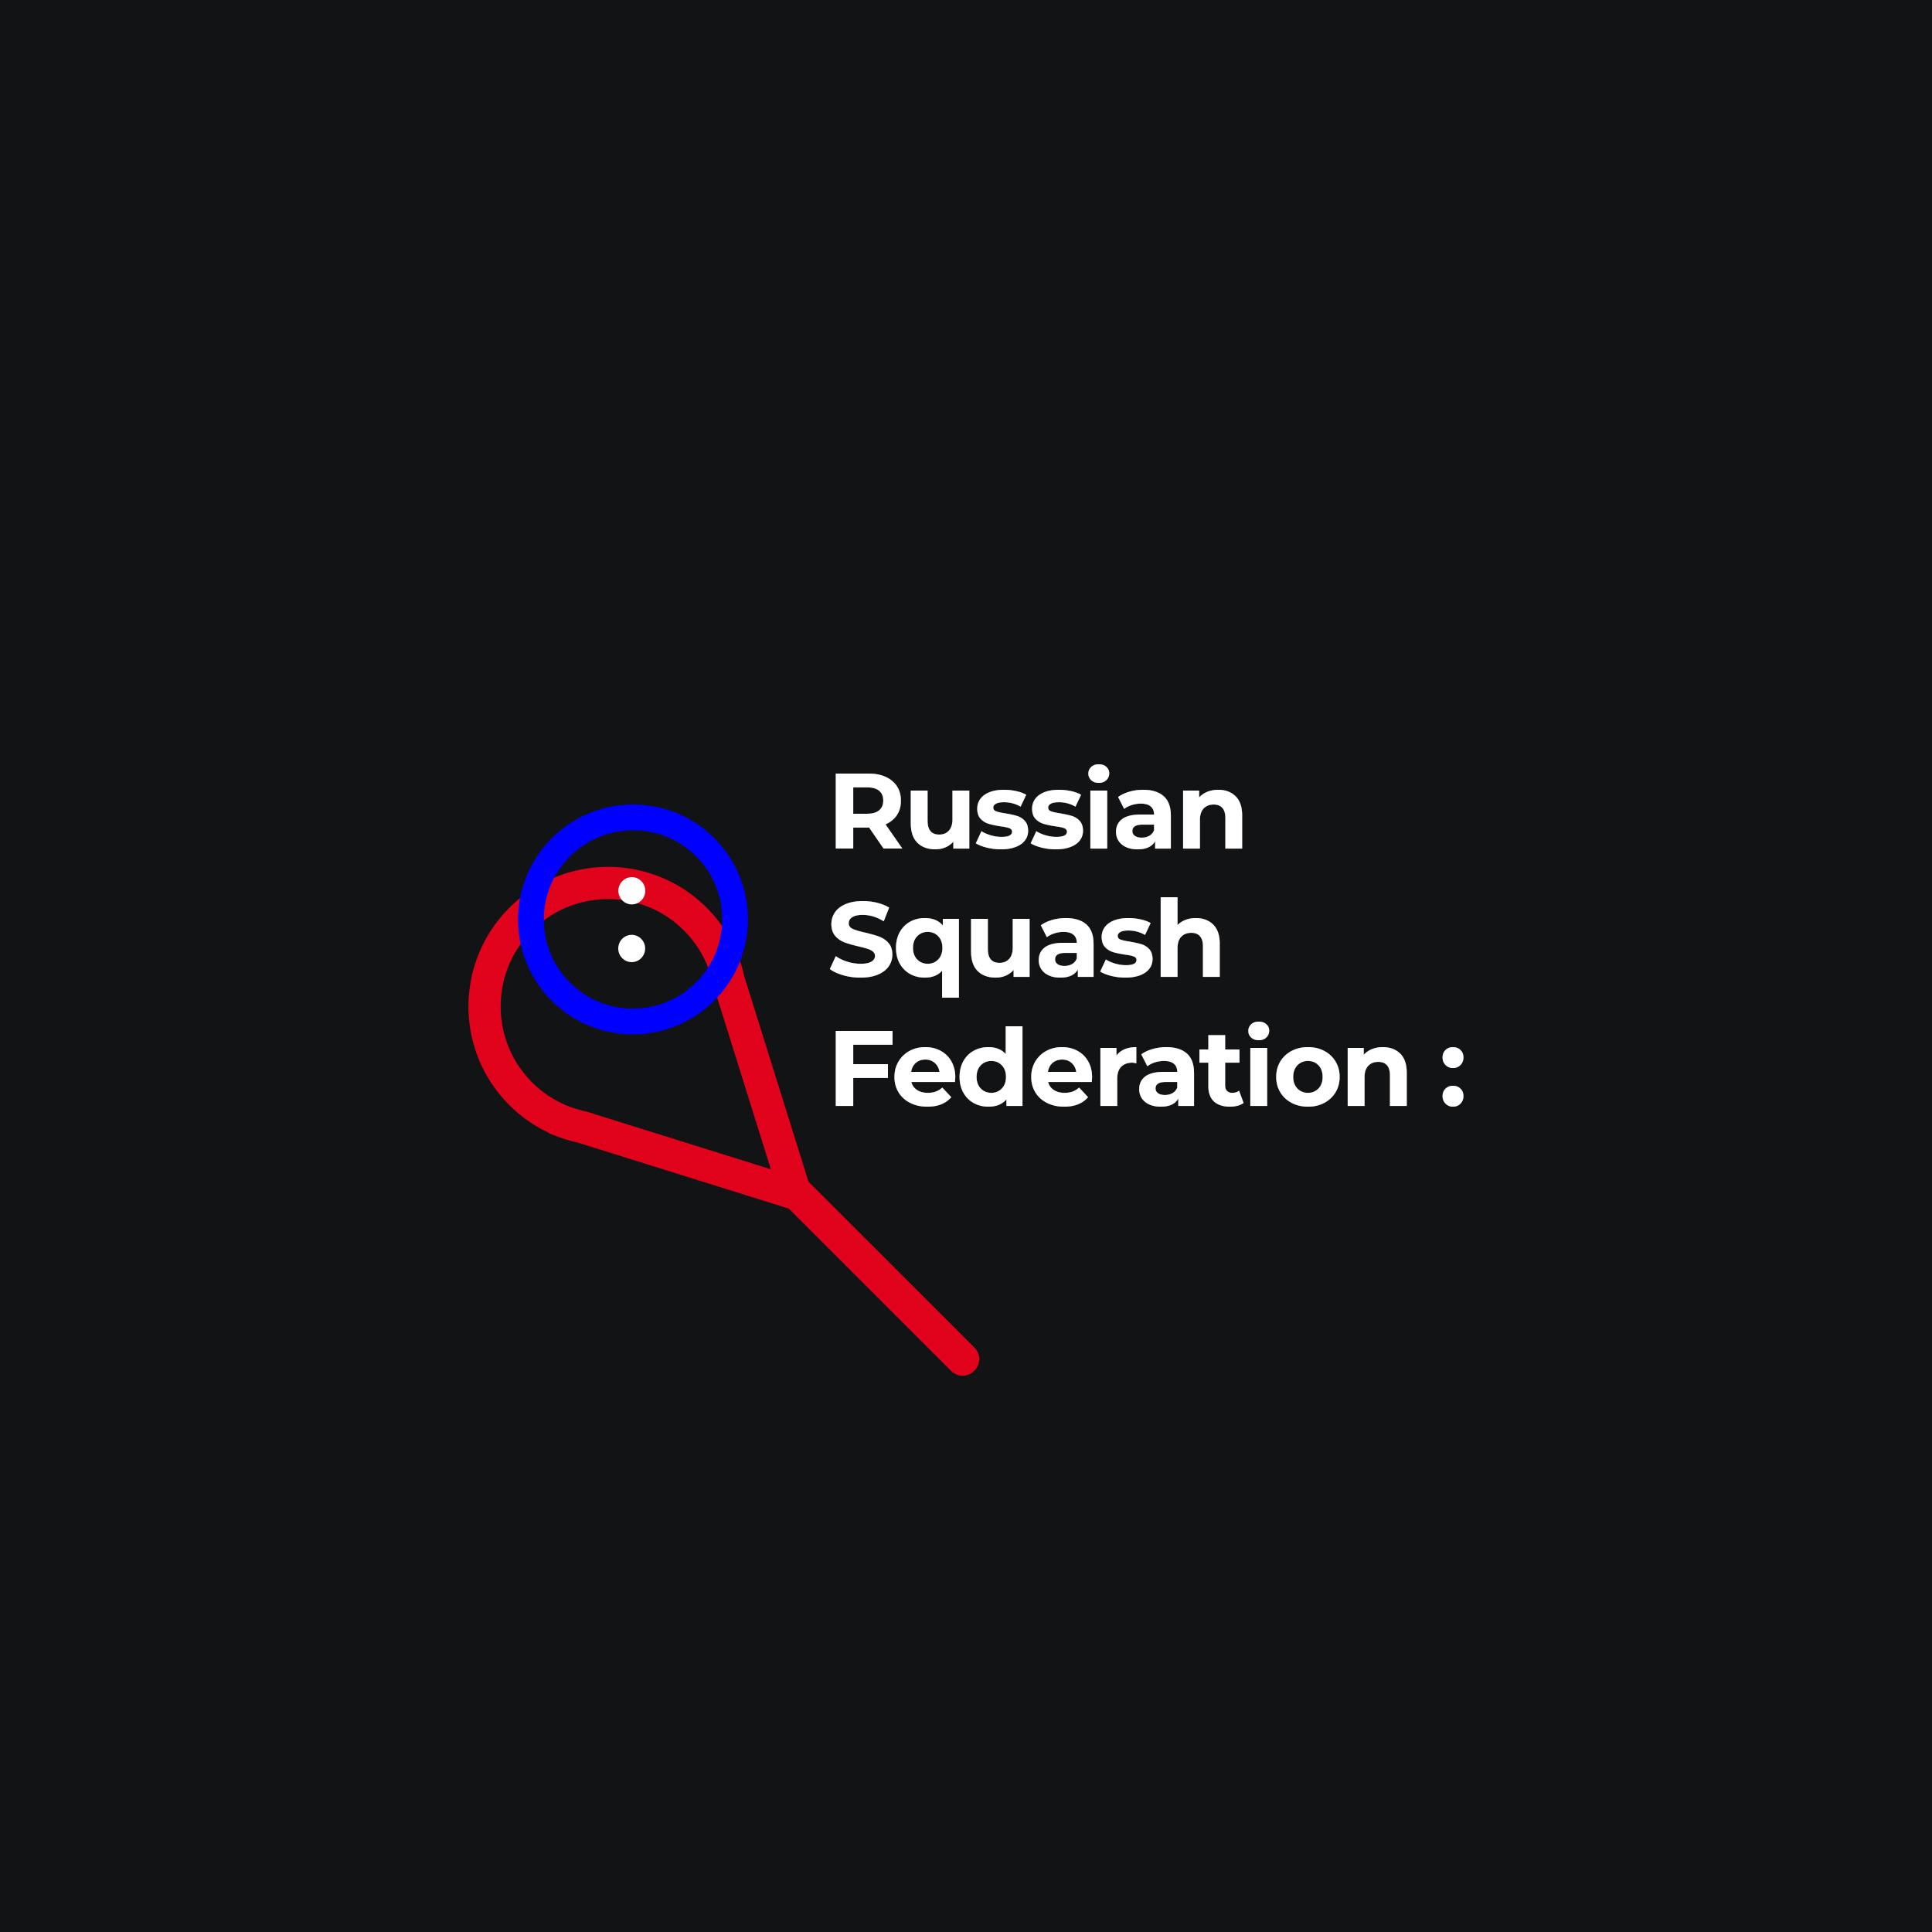 Разработать логотип для Федерации сквоша России фото f_9925f33d4fc8b5db.jpg